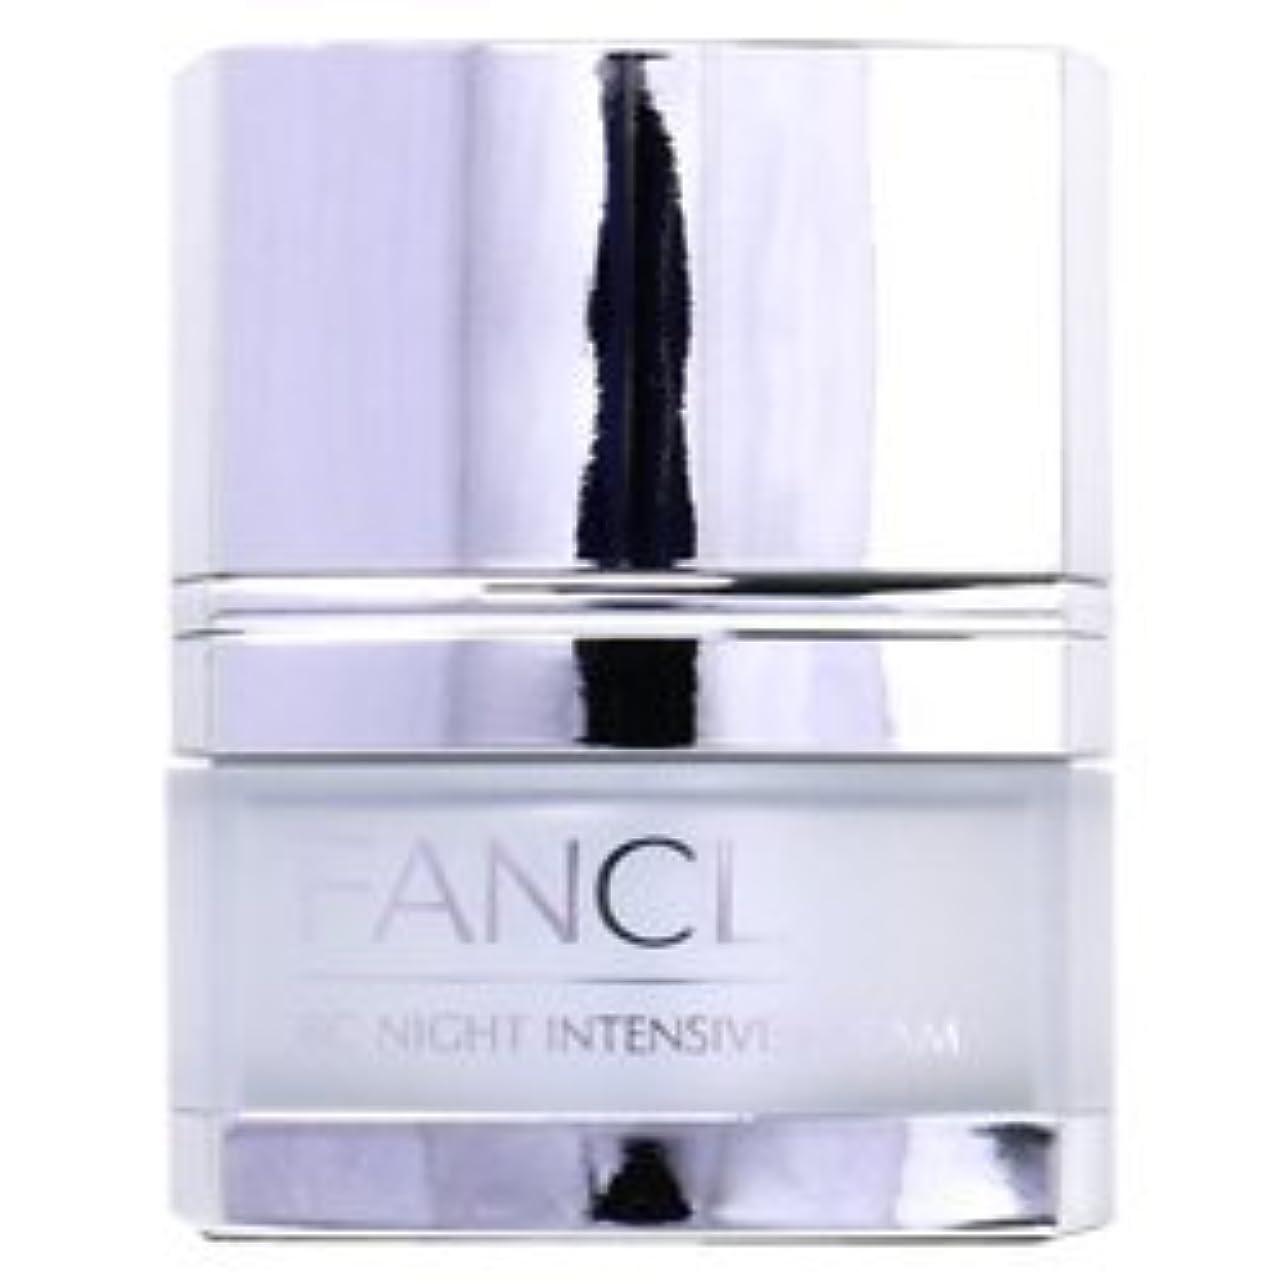 香り仮装反対にFANCL ファンケル BC ナイト インテンシヴ クリーム 20g